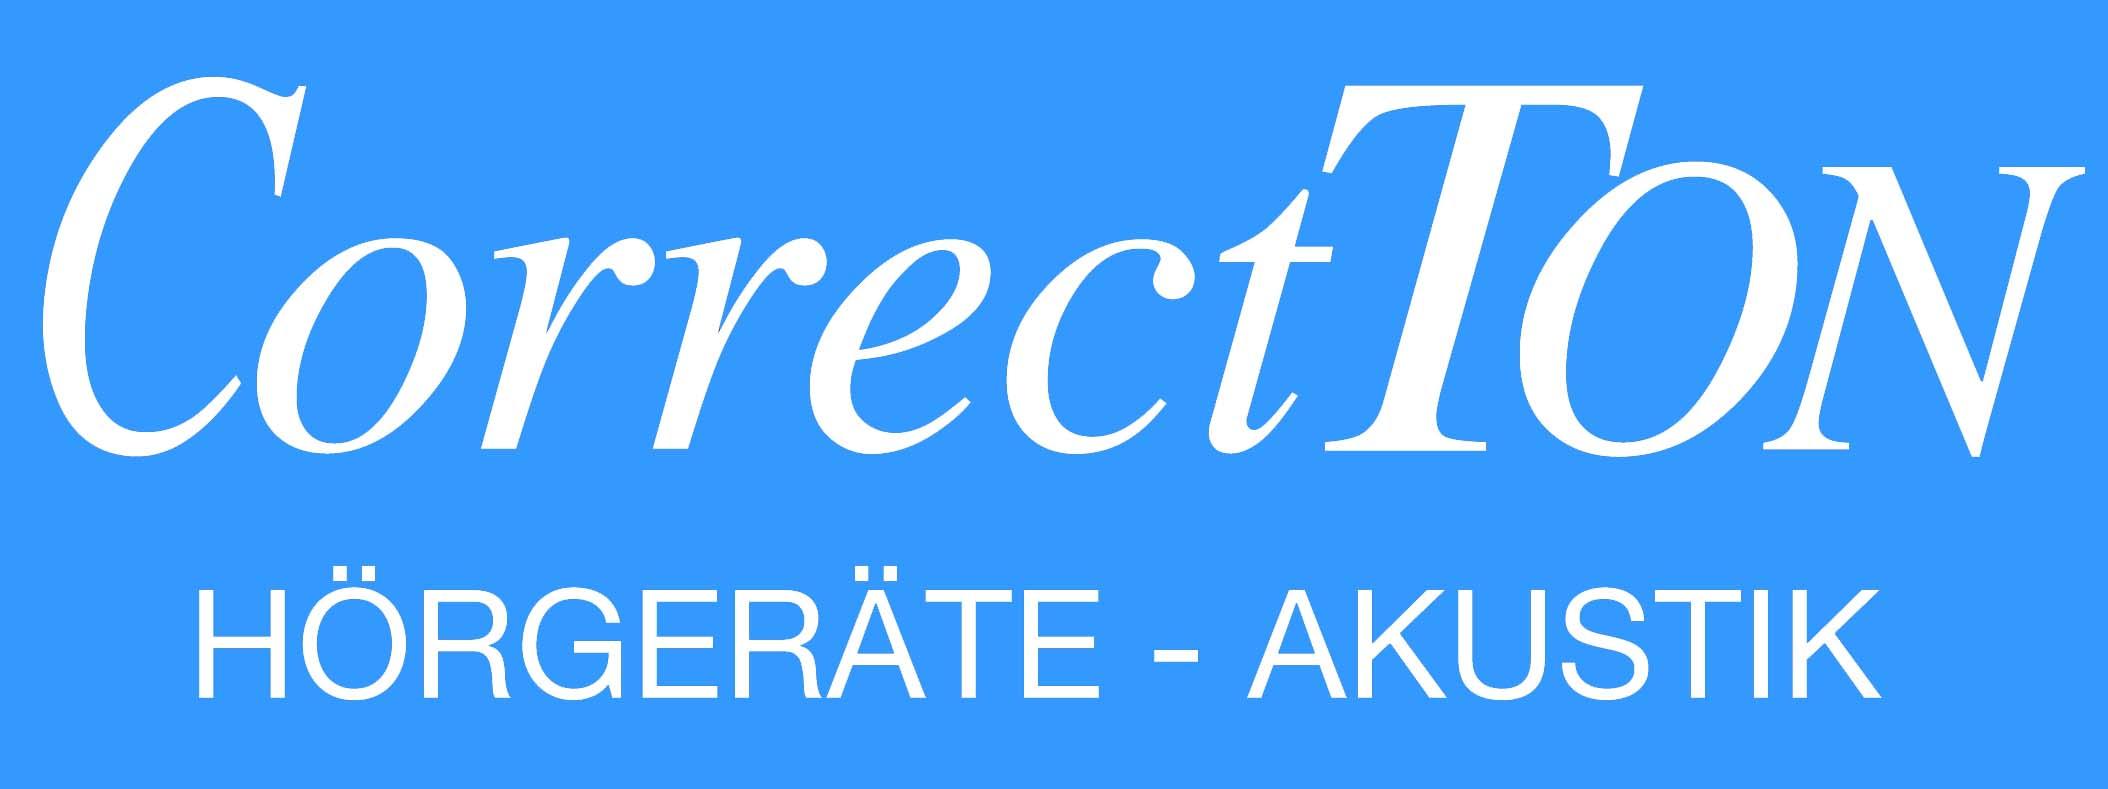 CoerrectTon